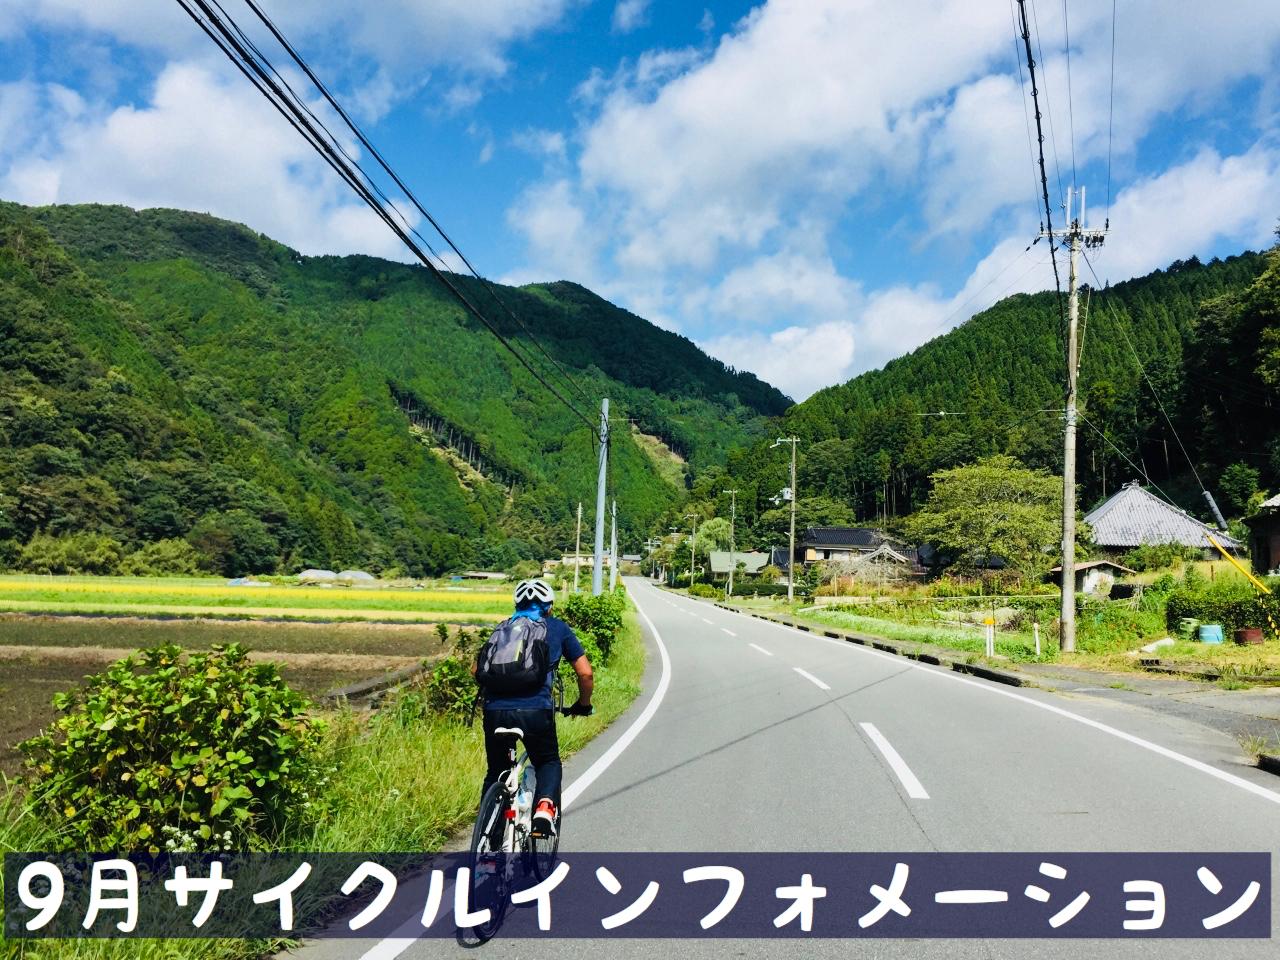 【9月サイクルインフォメーション】